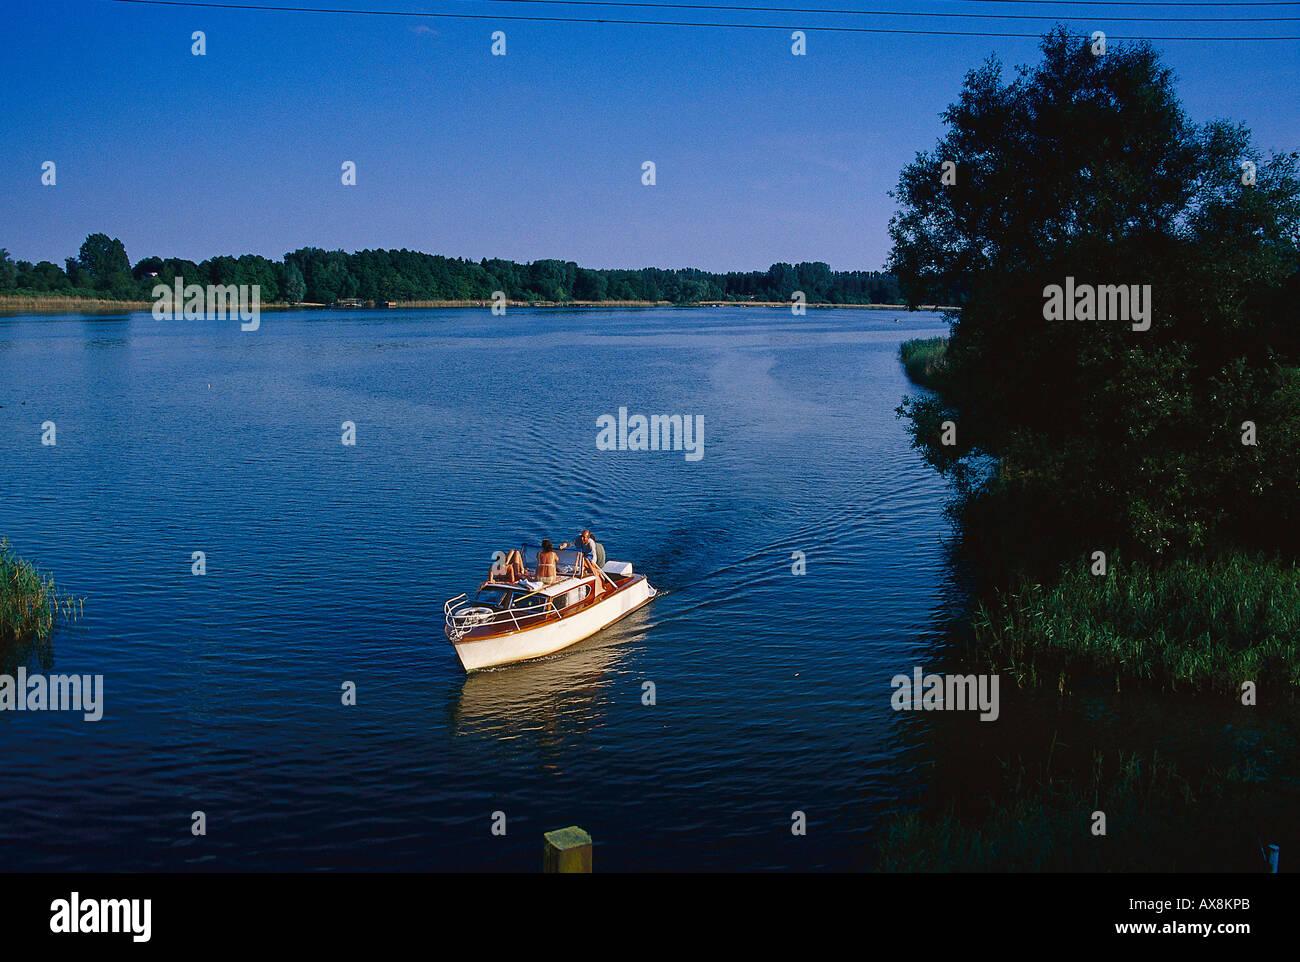 Motorboot auf Mueritz-Arm, Vipperow, Mecklenburgische Seenplatte Meck.-Vorpommern, Deutschland - Stock Image